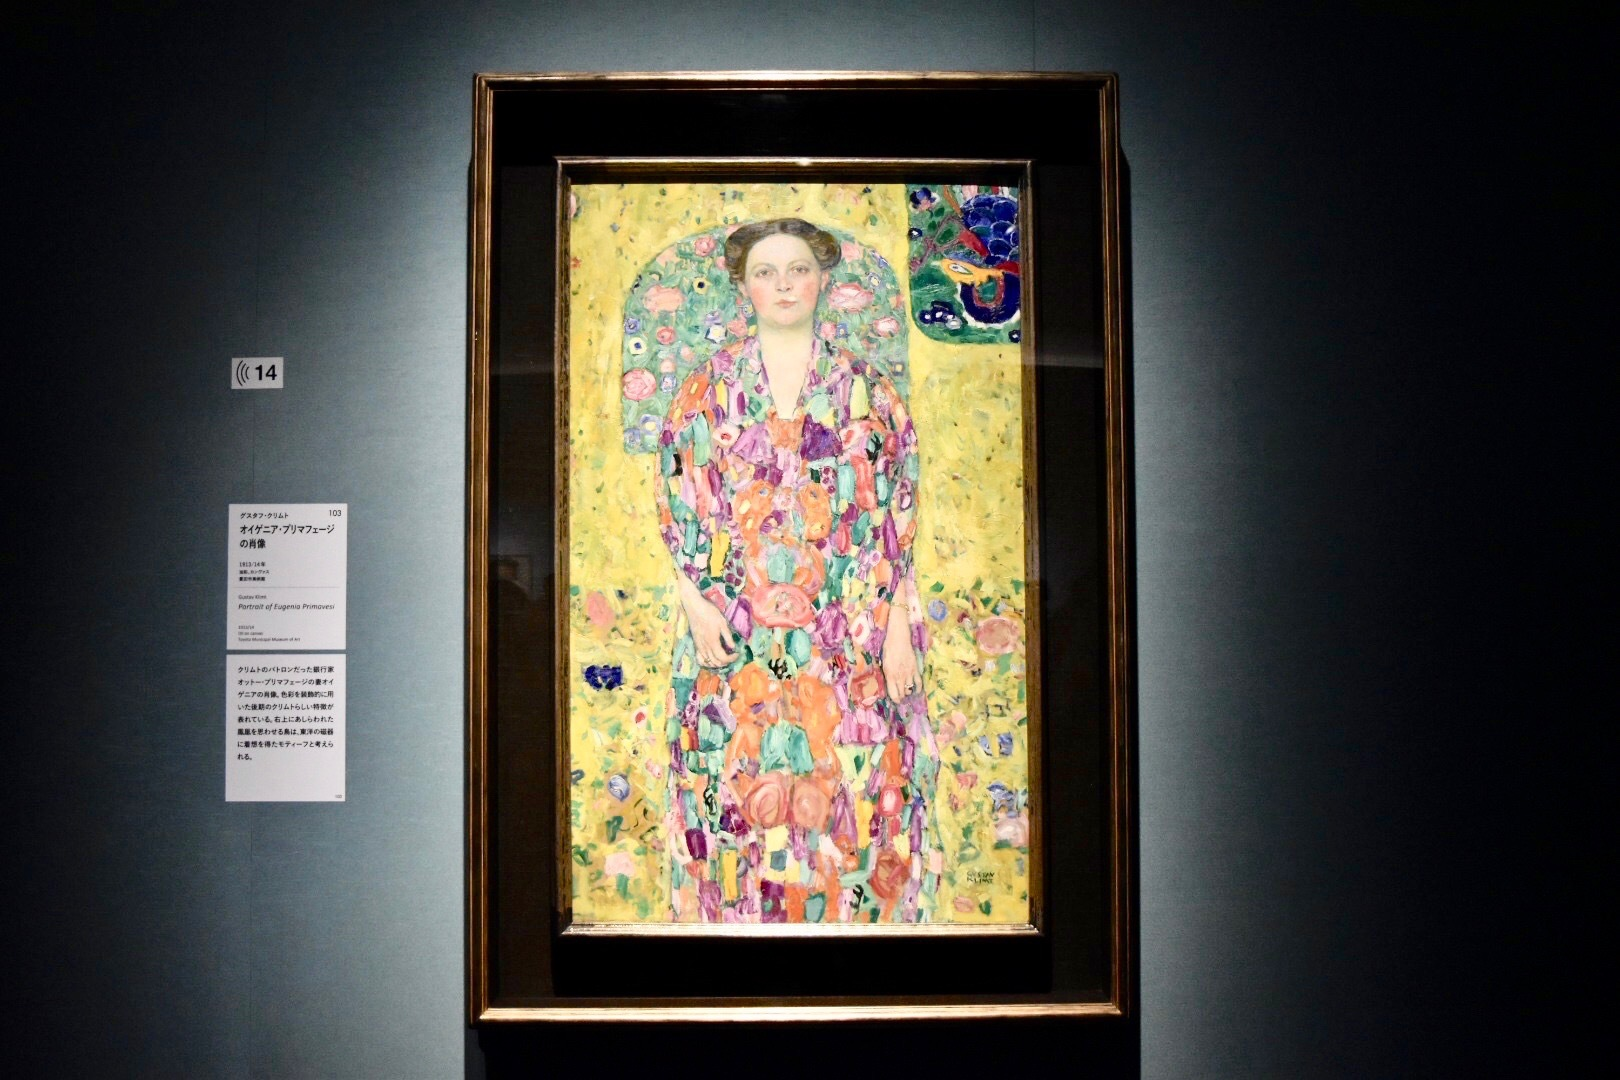 グスタフ・クリムト 《オイゲニア・プリマフェージの肖像》 1913/14年 豊田市美術館蔵